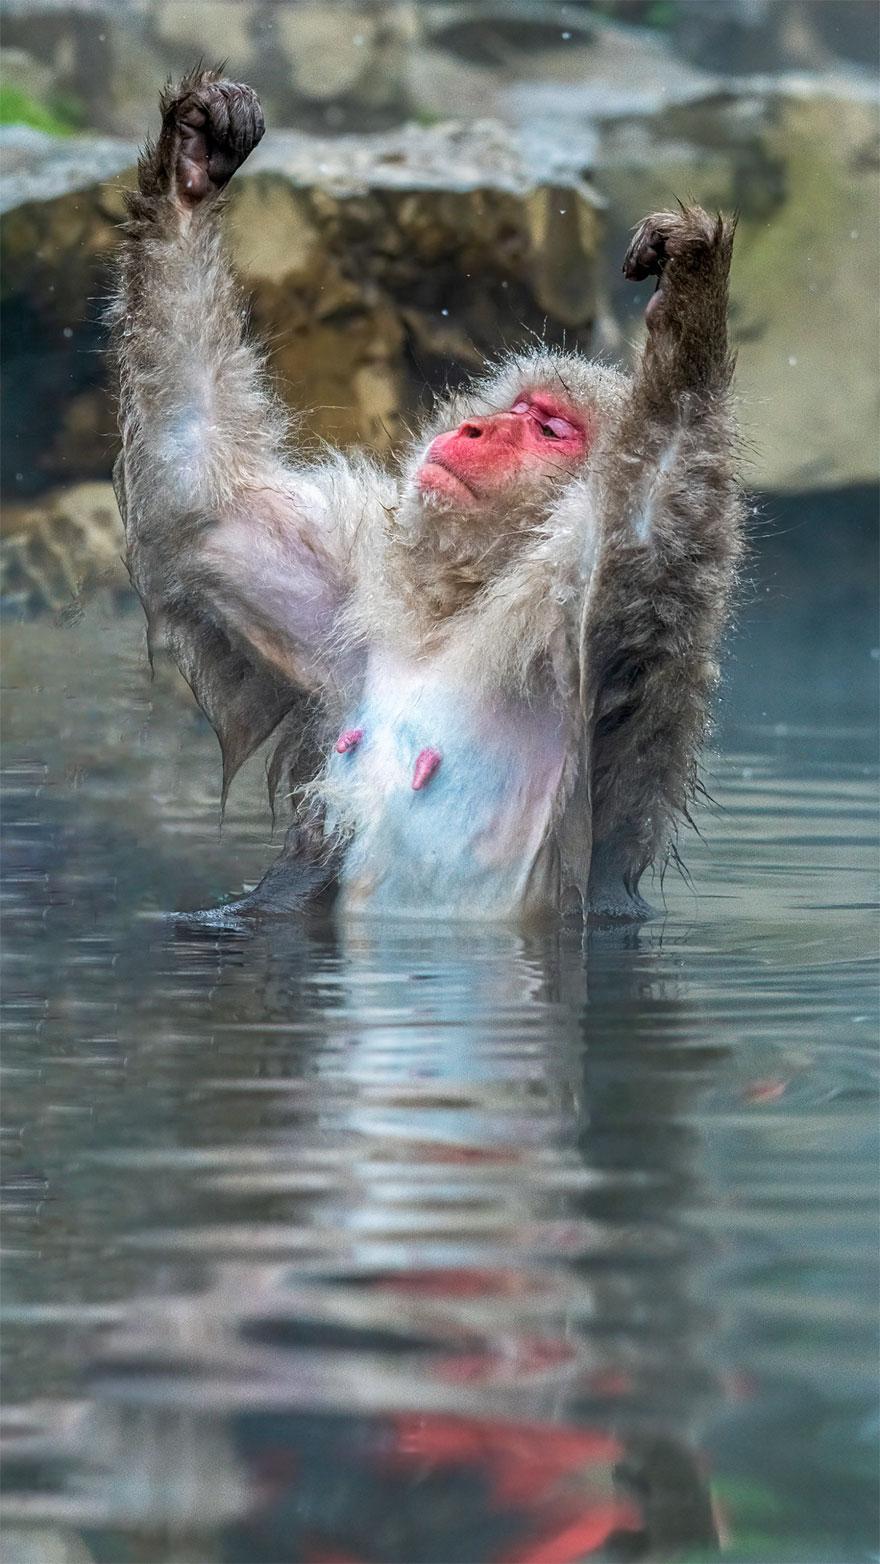 Позитивная галерея: 40 фото сконкурса насамый смешной снимок дикой природы   Канобу - Изображение 3996